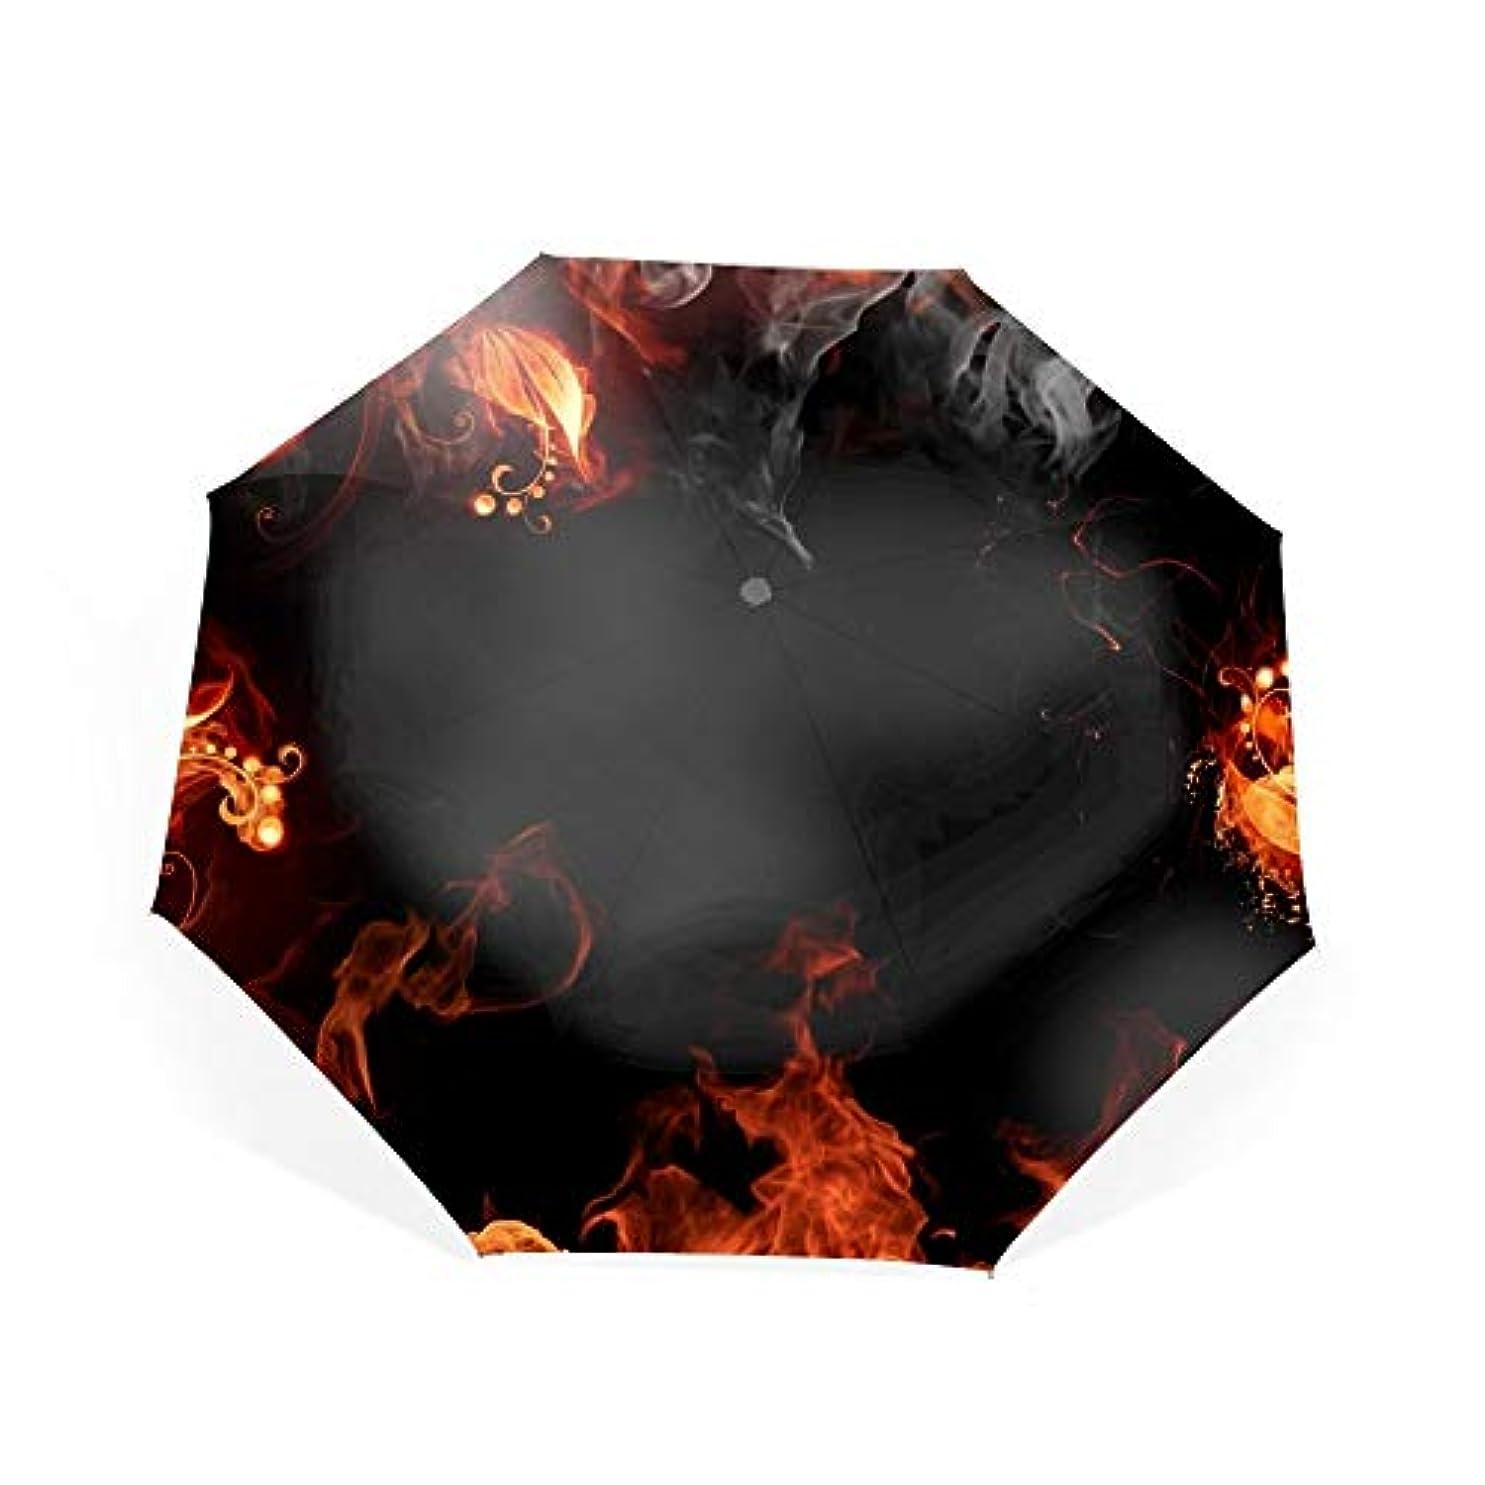 特派員見てメロドラマティック折り畳み傘 ワンタッチ自動開閉 日傘 晴雨兼用 軽量 紫外線遮断率99%以上日差しに超強いアナログ 傘強度アップ8本骨ガラス繊維 可愛いハンドル 耐風撥水 可愛い傘袋付き火災フレーム花柄火災花煙